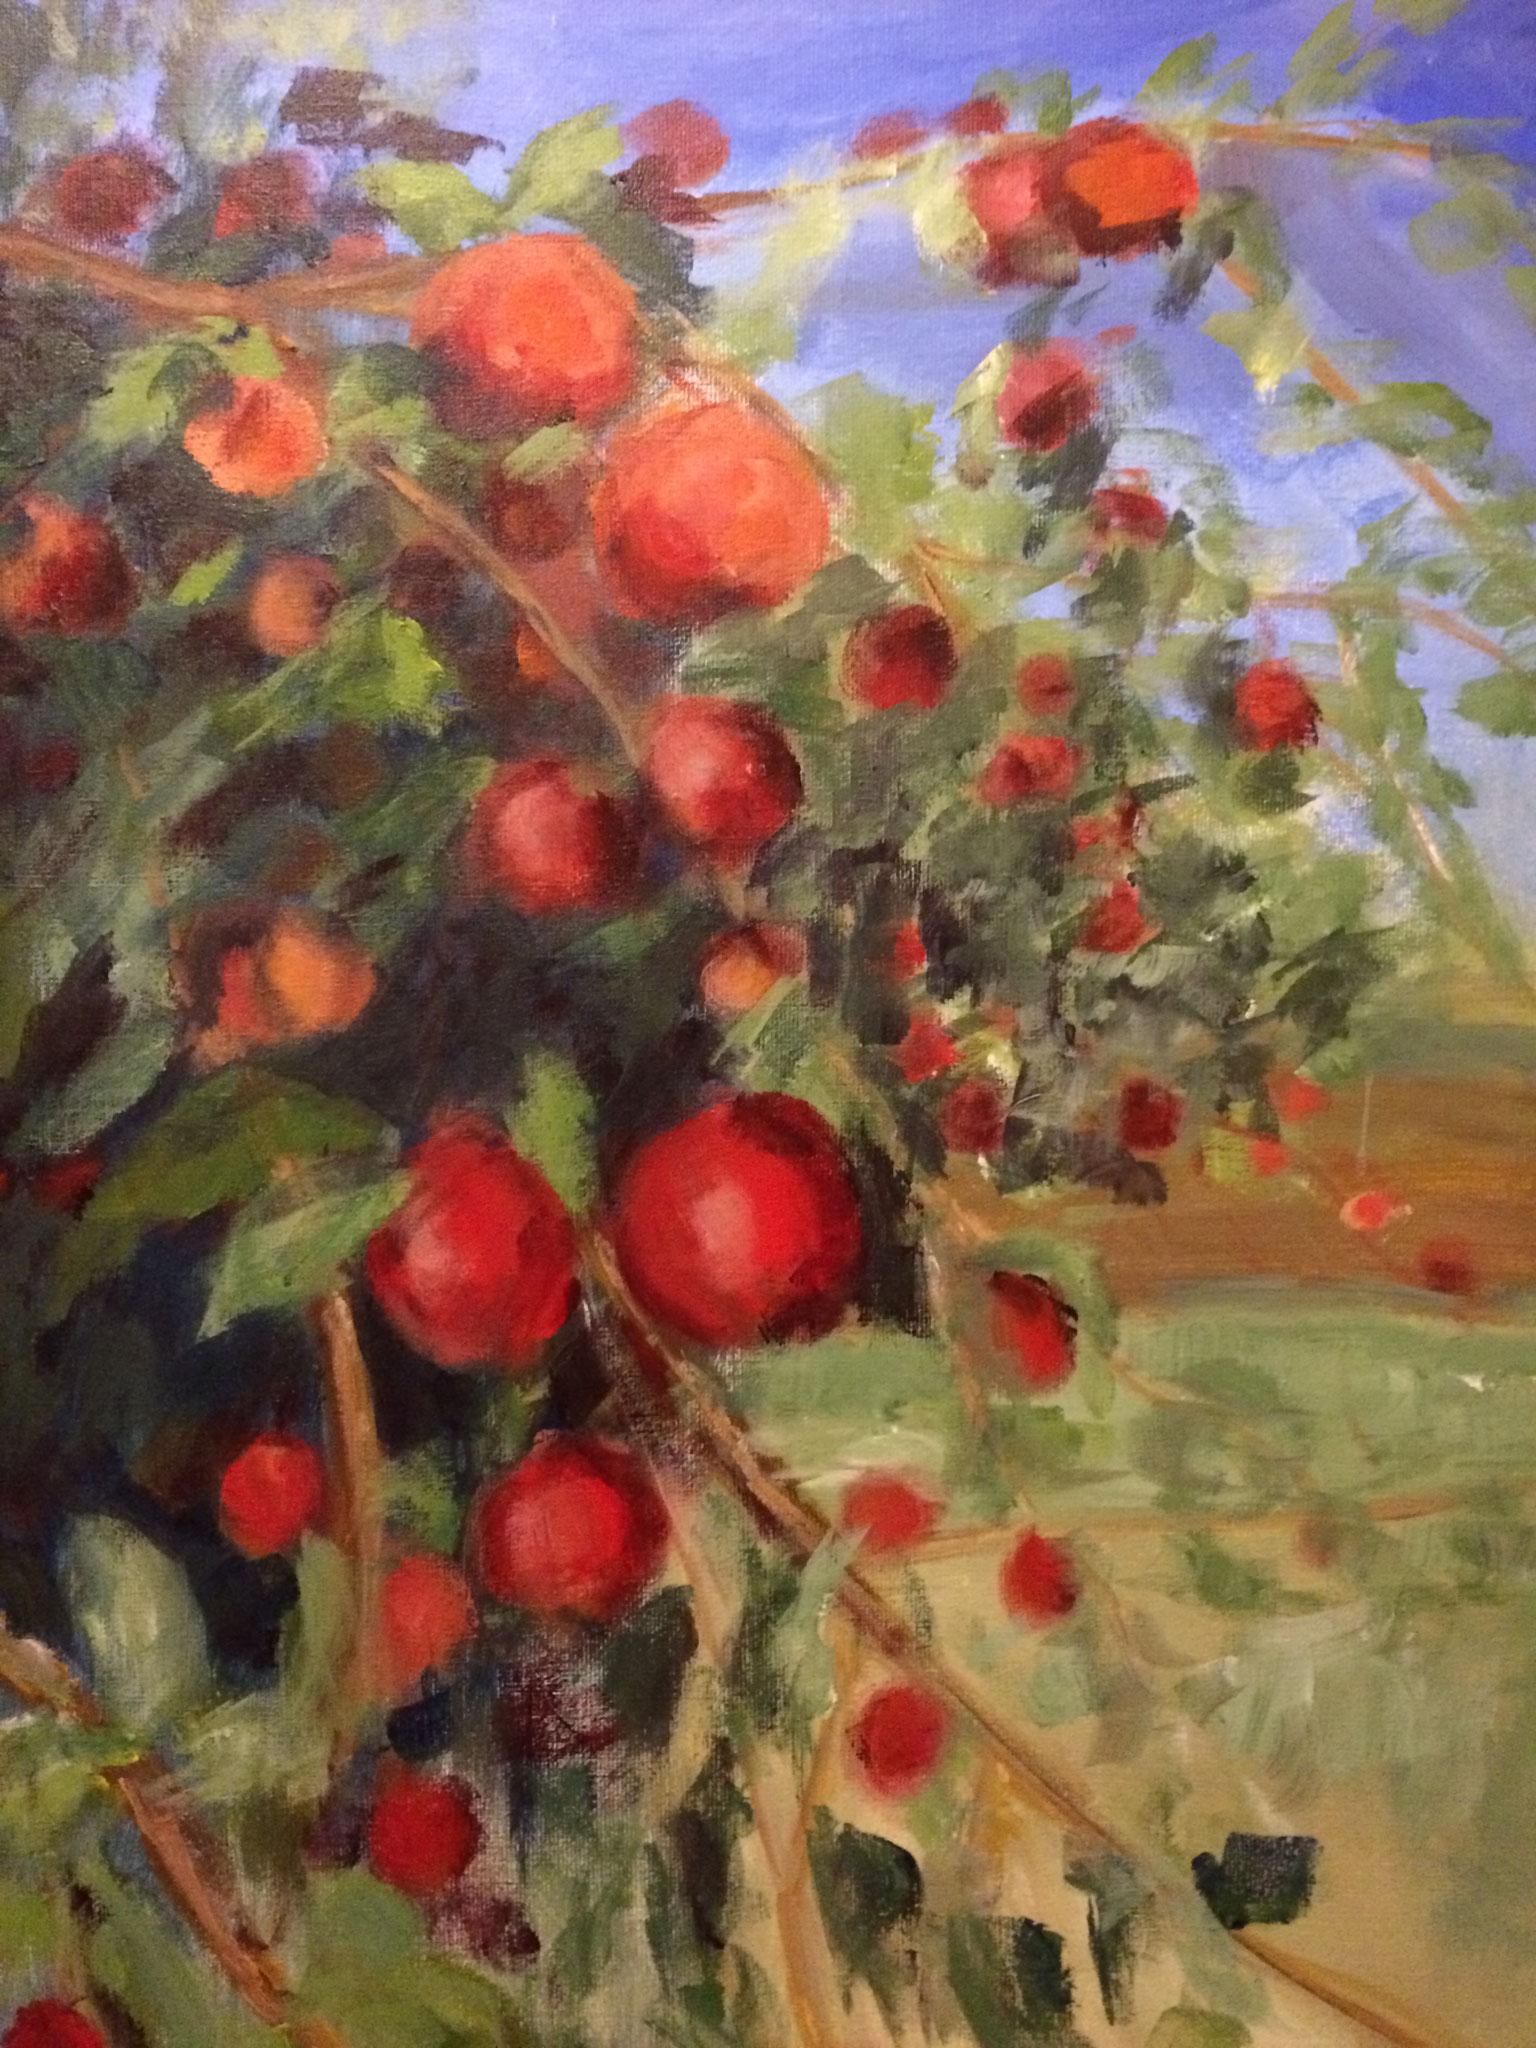 Hangende appels. 60x80cm olie op linnen. 2018.